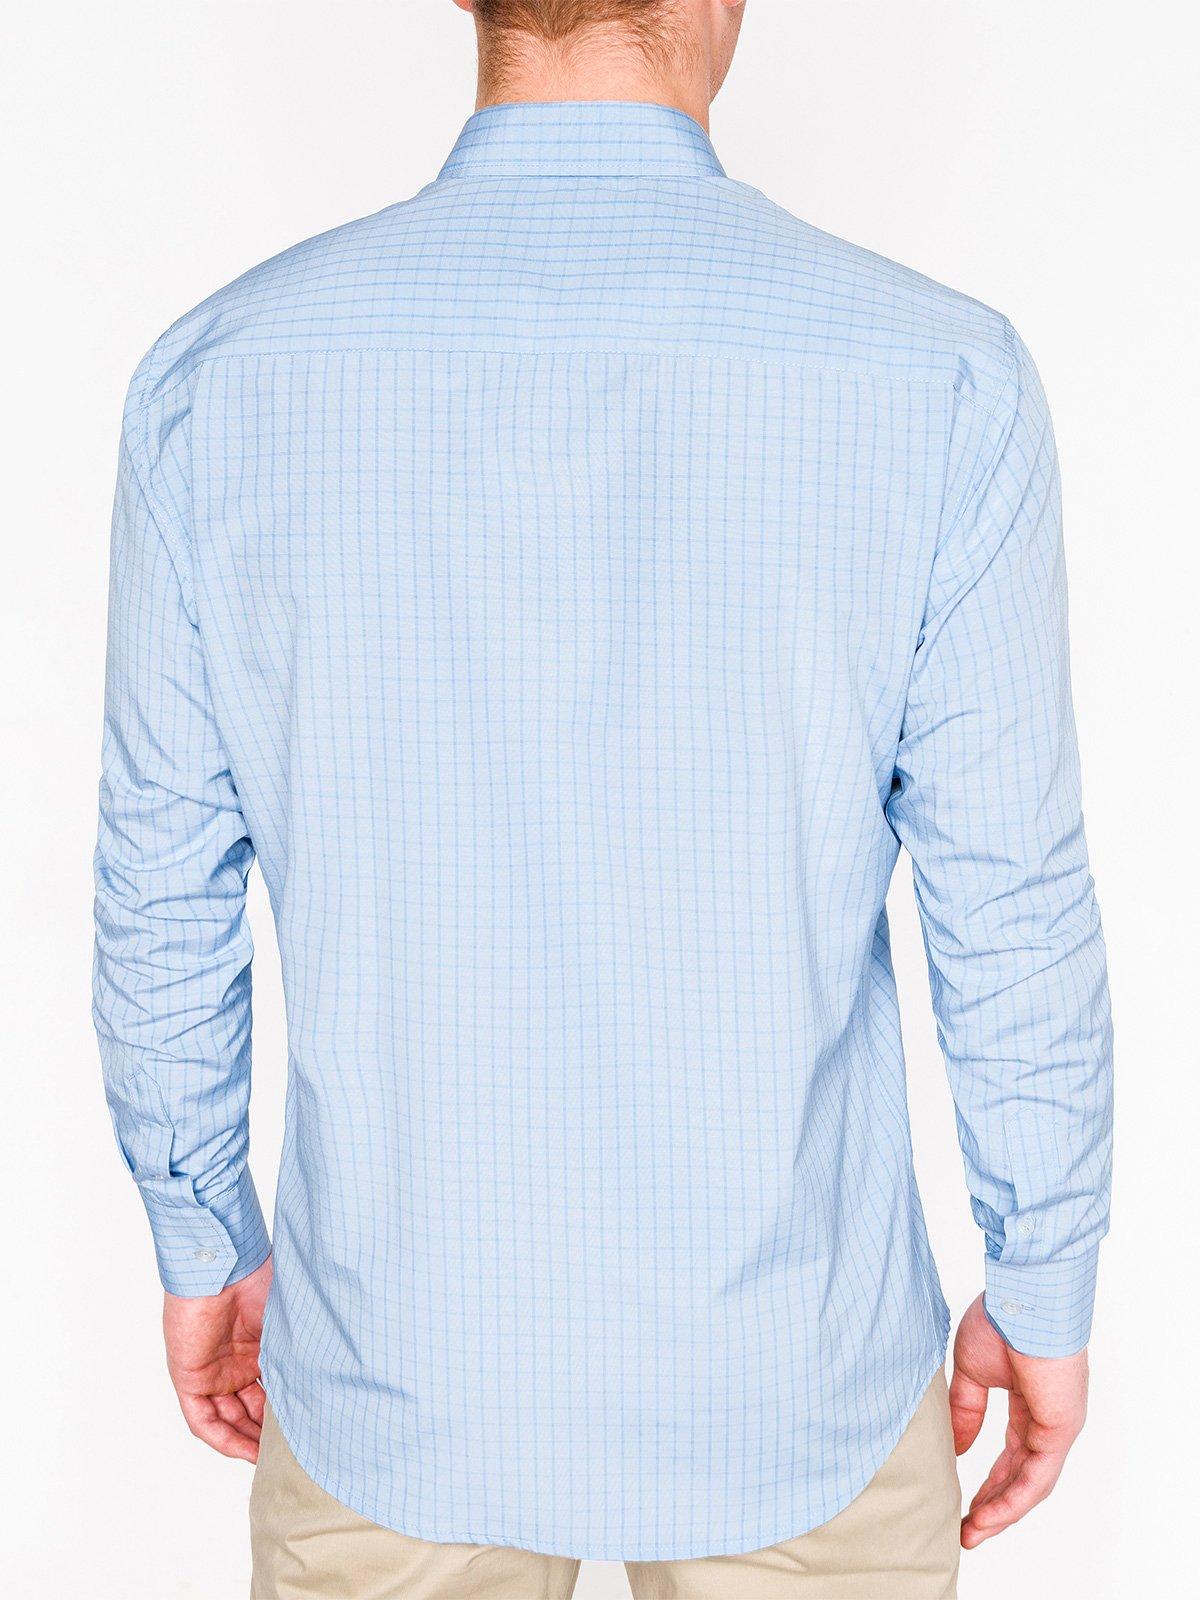 06448621c38 Мужская рубашка в клеточку с длинным рукавом K446 - голубая голубой ...